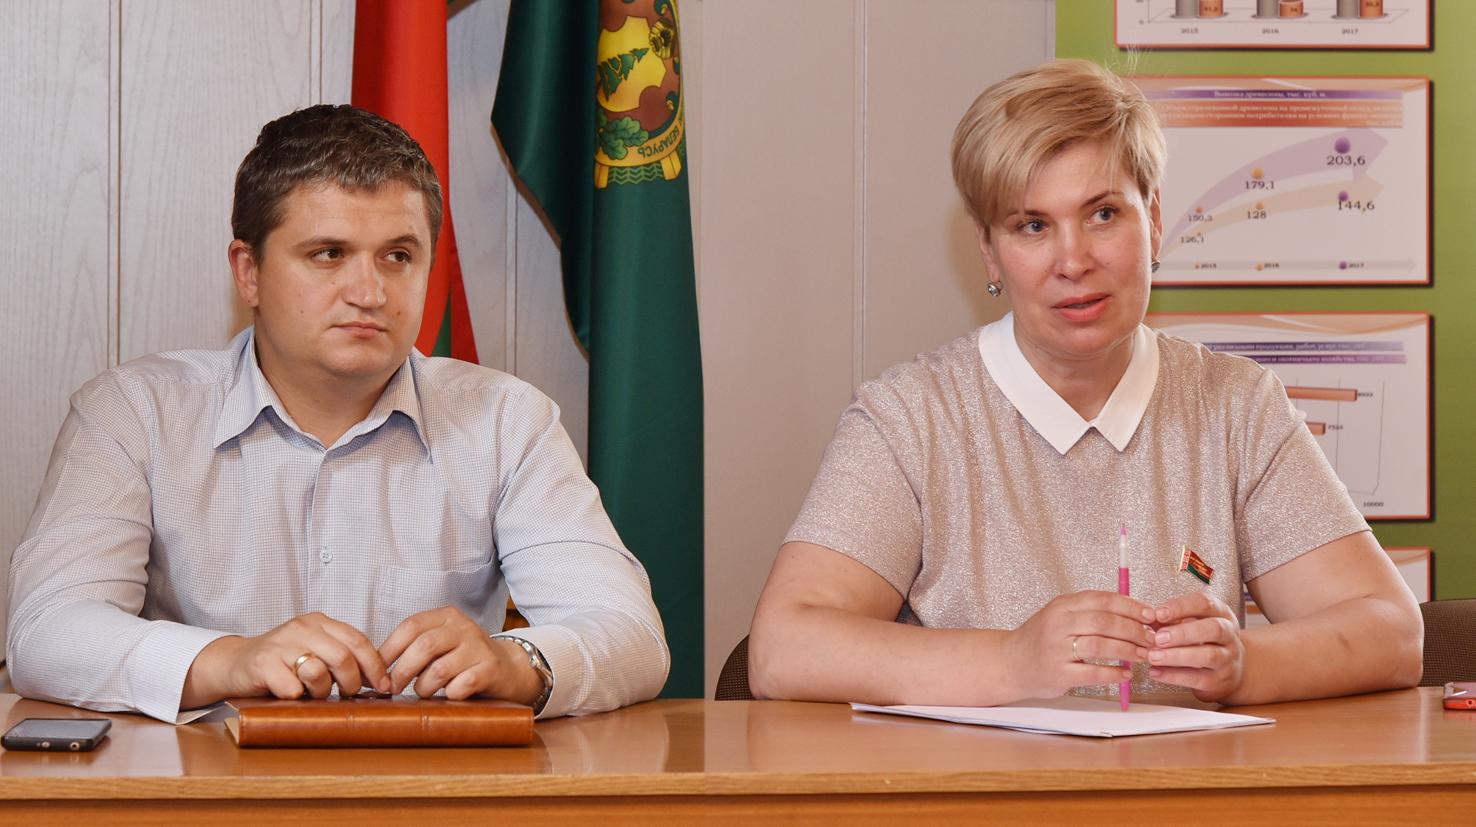 Член Совета Республики Беларусь Романия Скоморошко провела личный прием граждан в Ивье